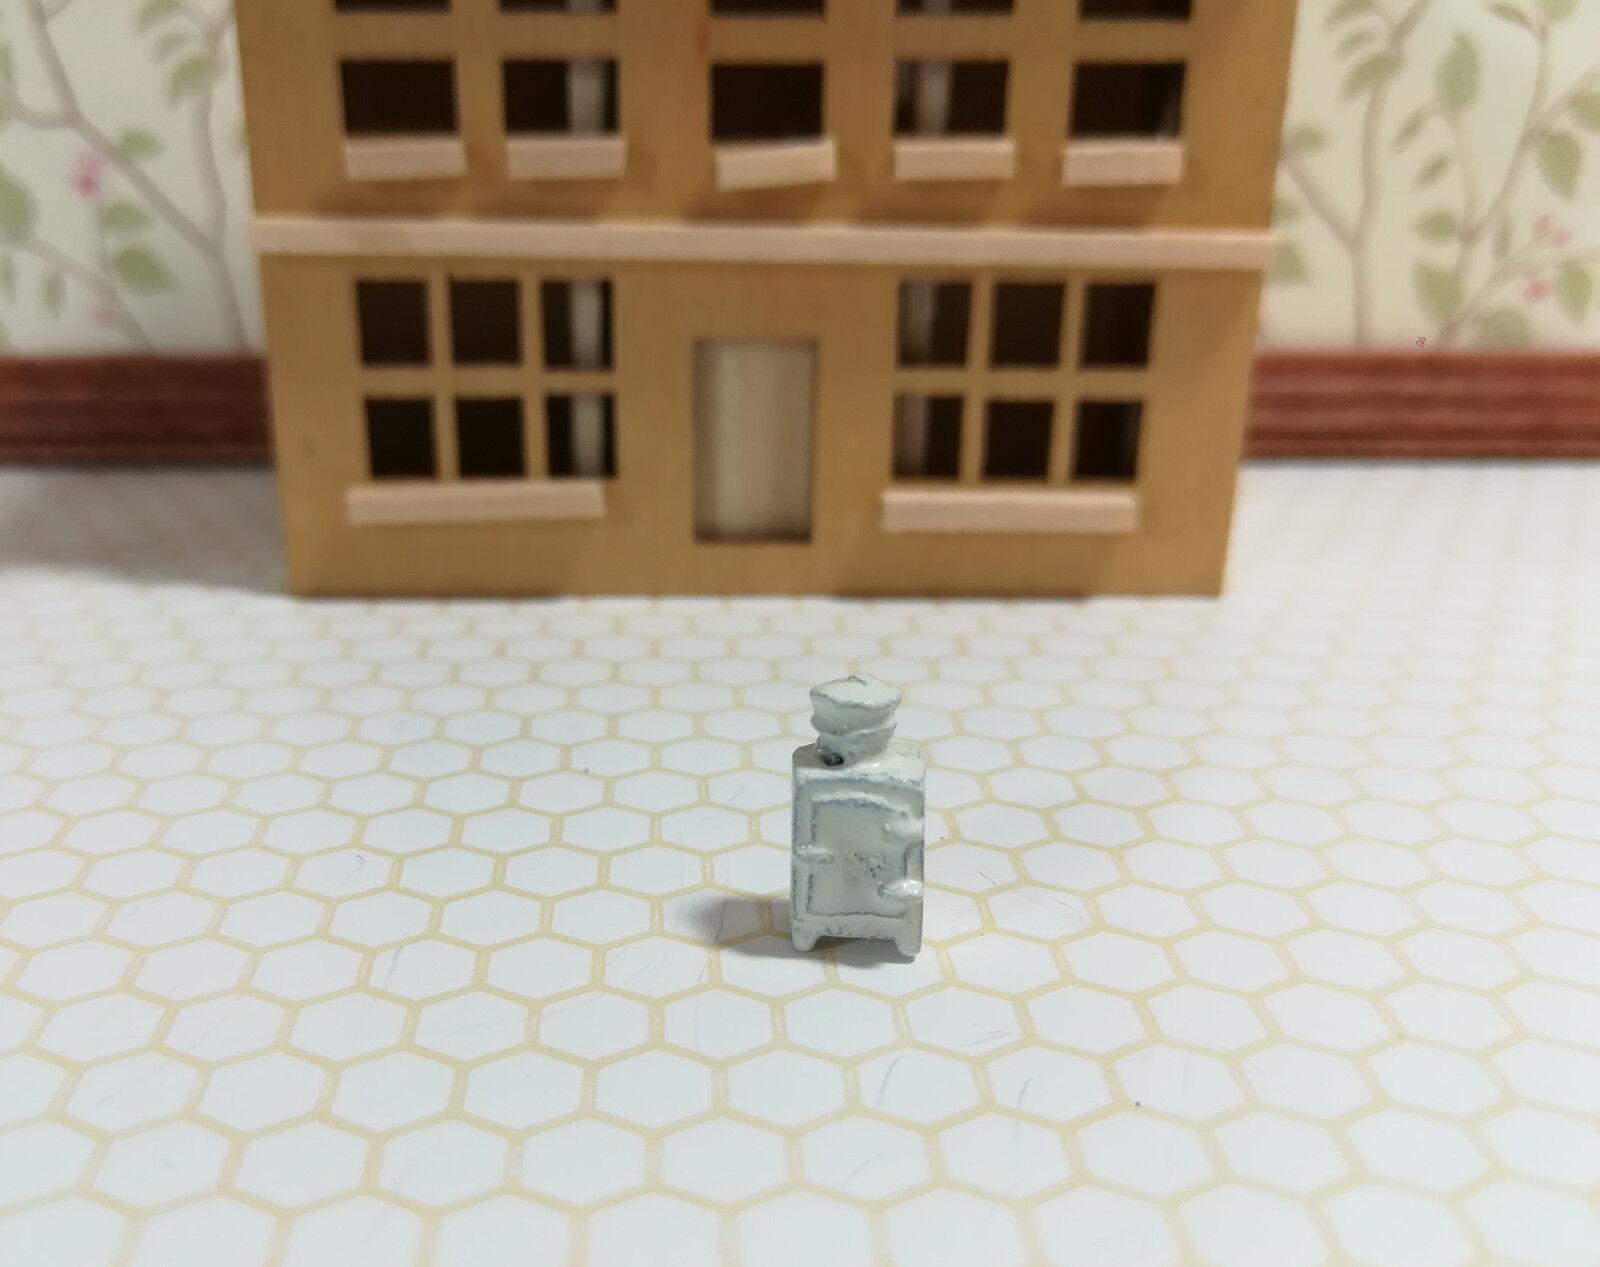 Dollhouse Miniature 1:144 Scale Vintage Style White Kitchen